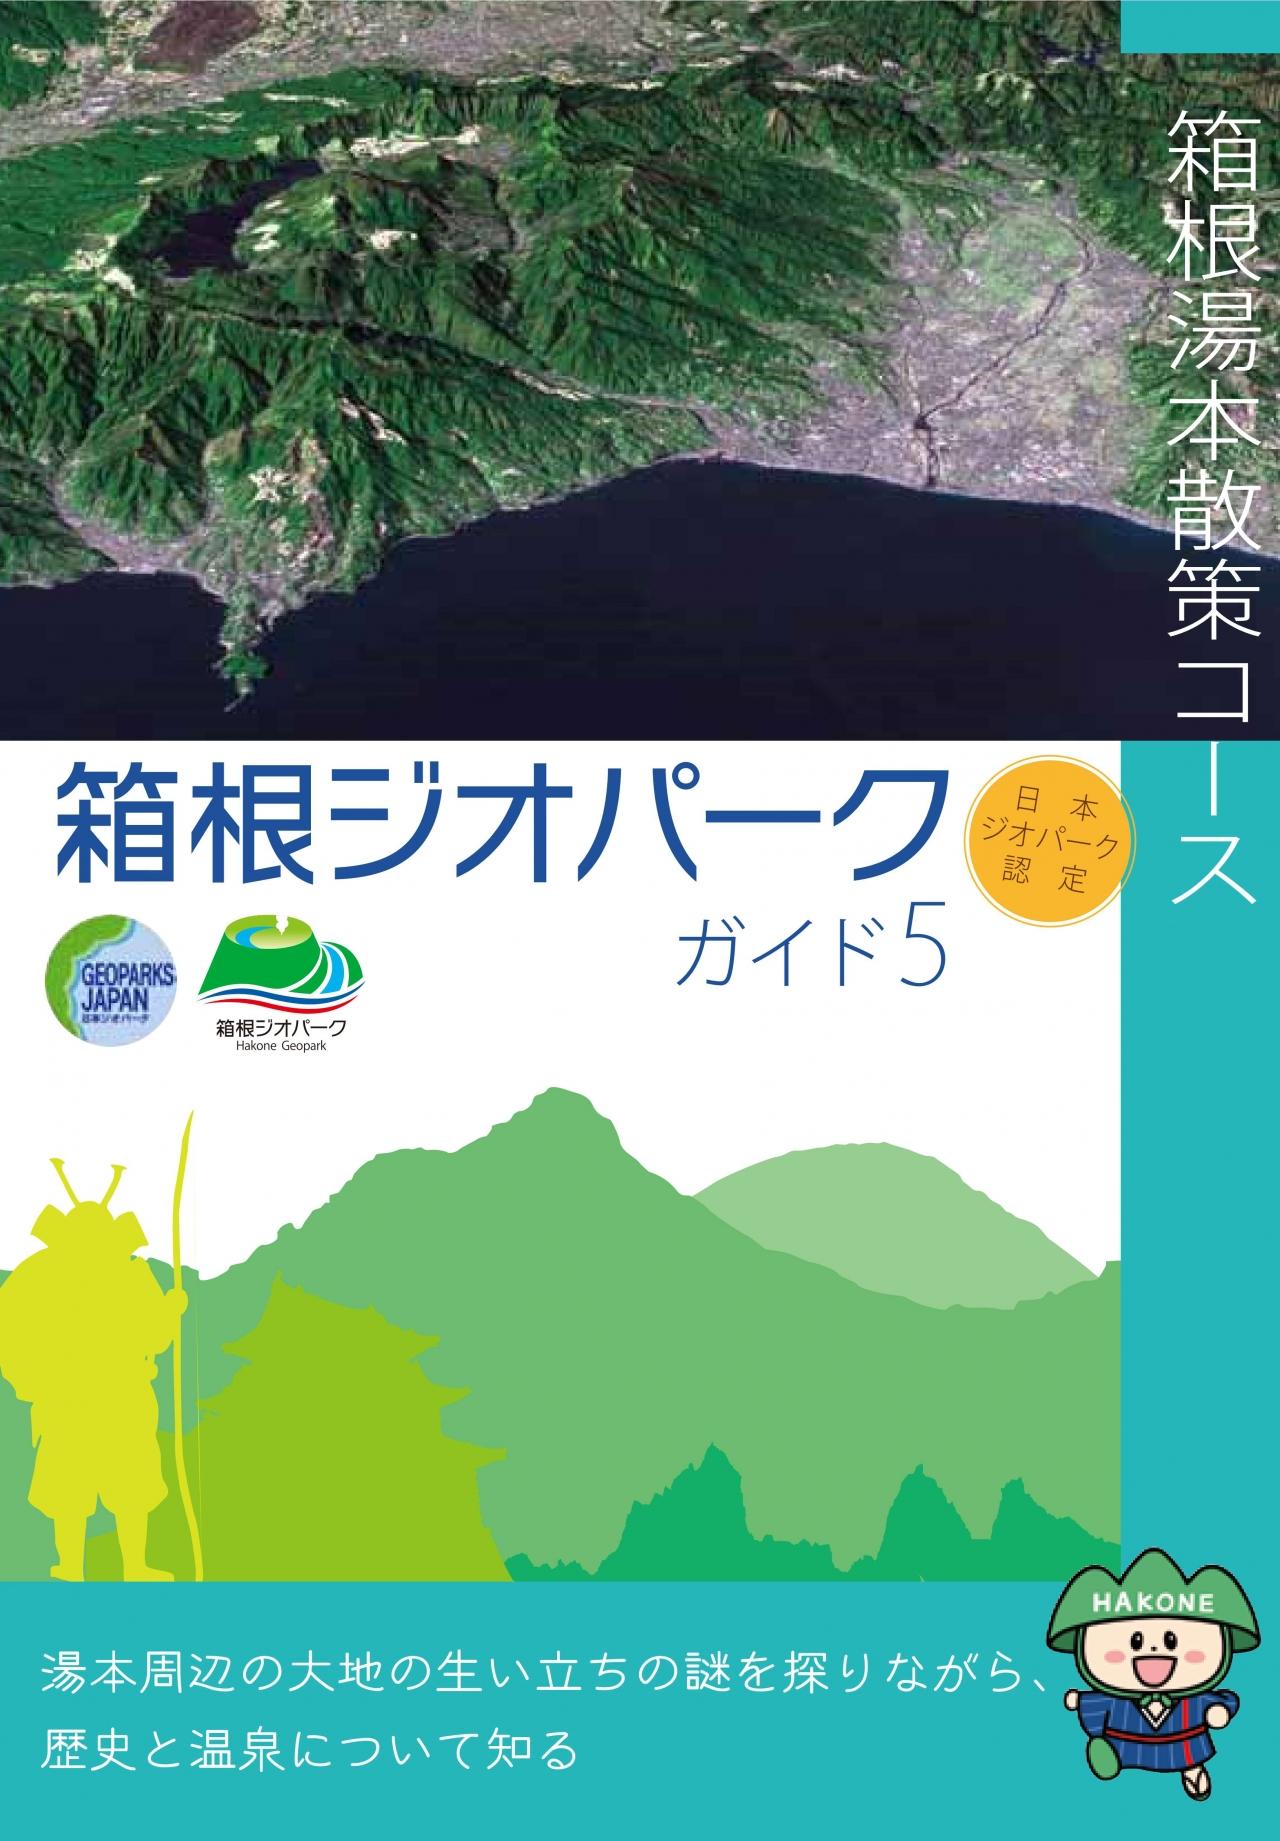 箱根湯本コースガイドブック